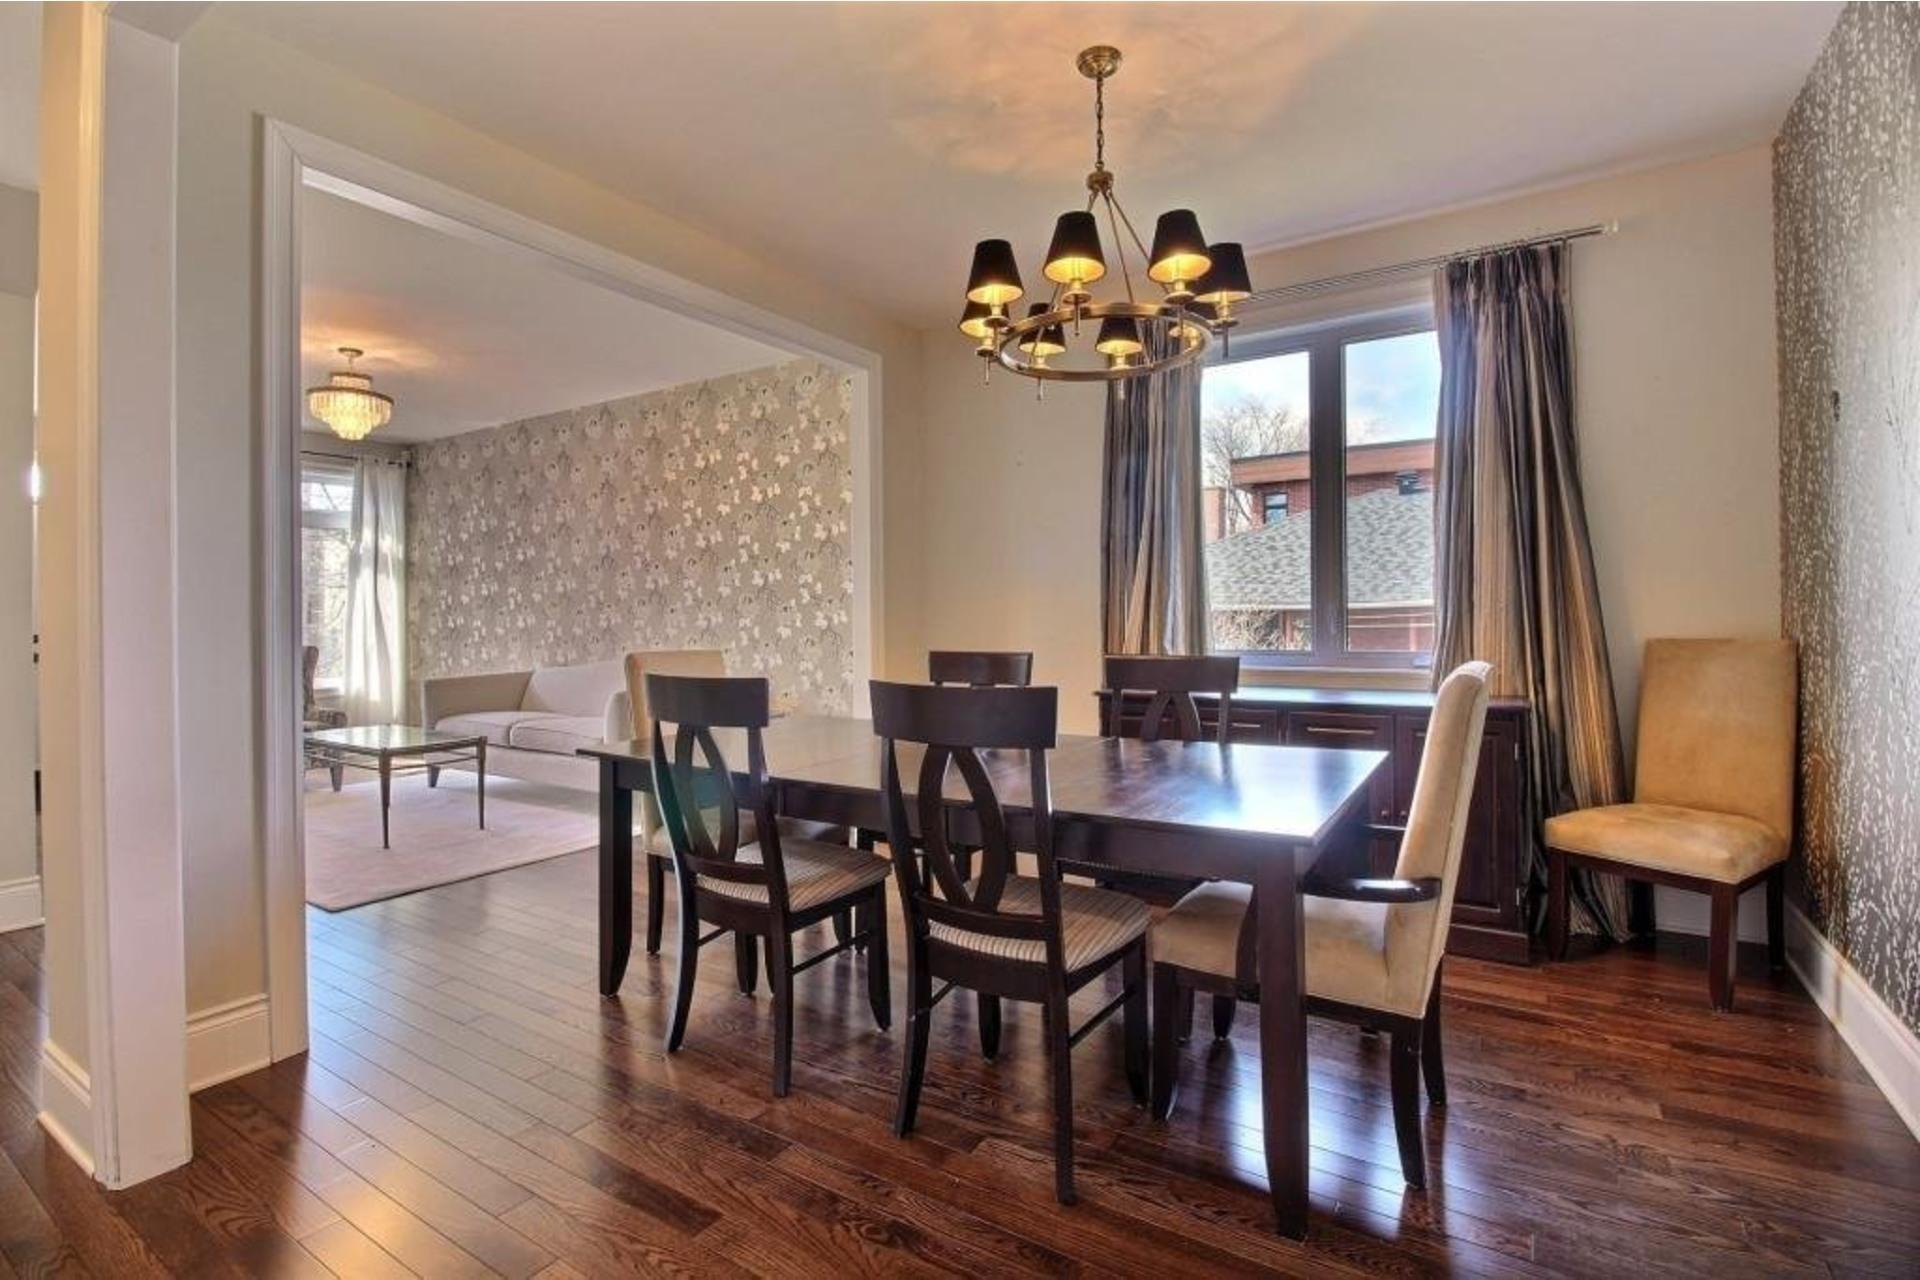 image 5 - Apartment For rent Saint-Laurent Montréal  - 10 rooms